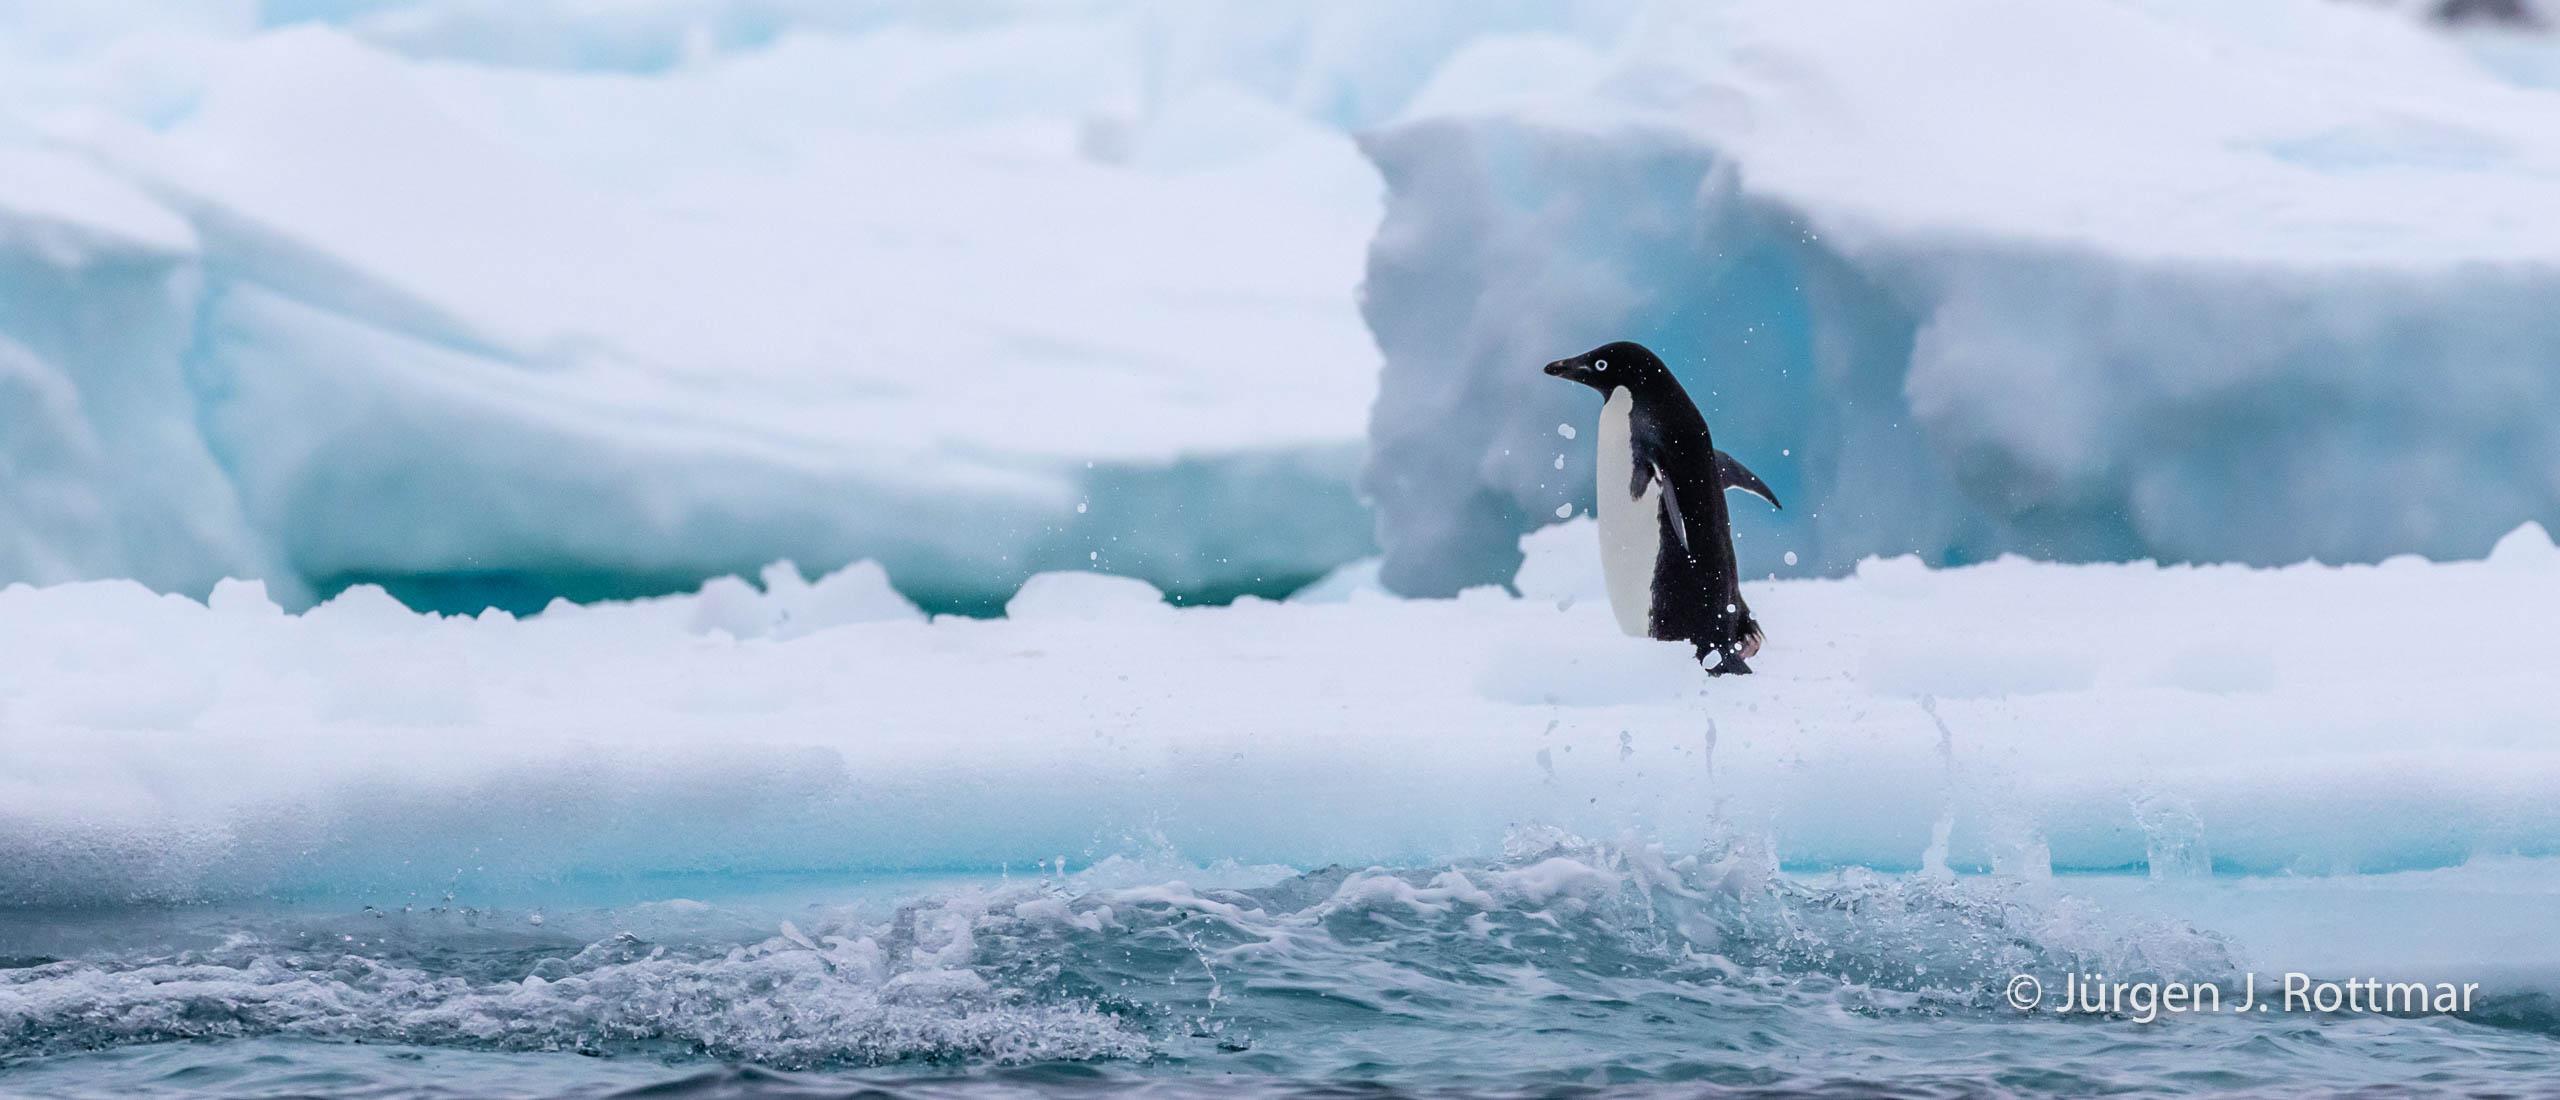 Juergen J Rottmar Antarctic Peninsula R6A4285 Bearbeitet